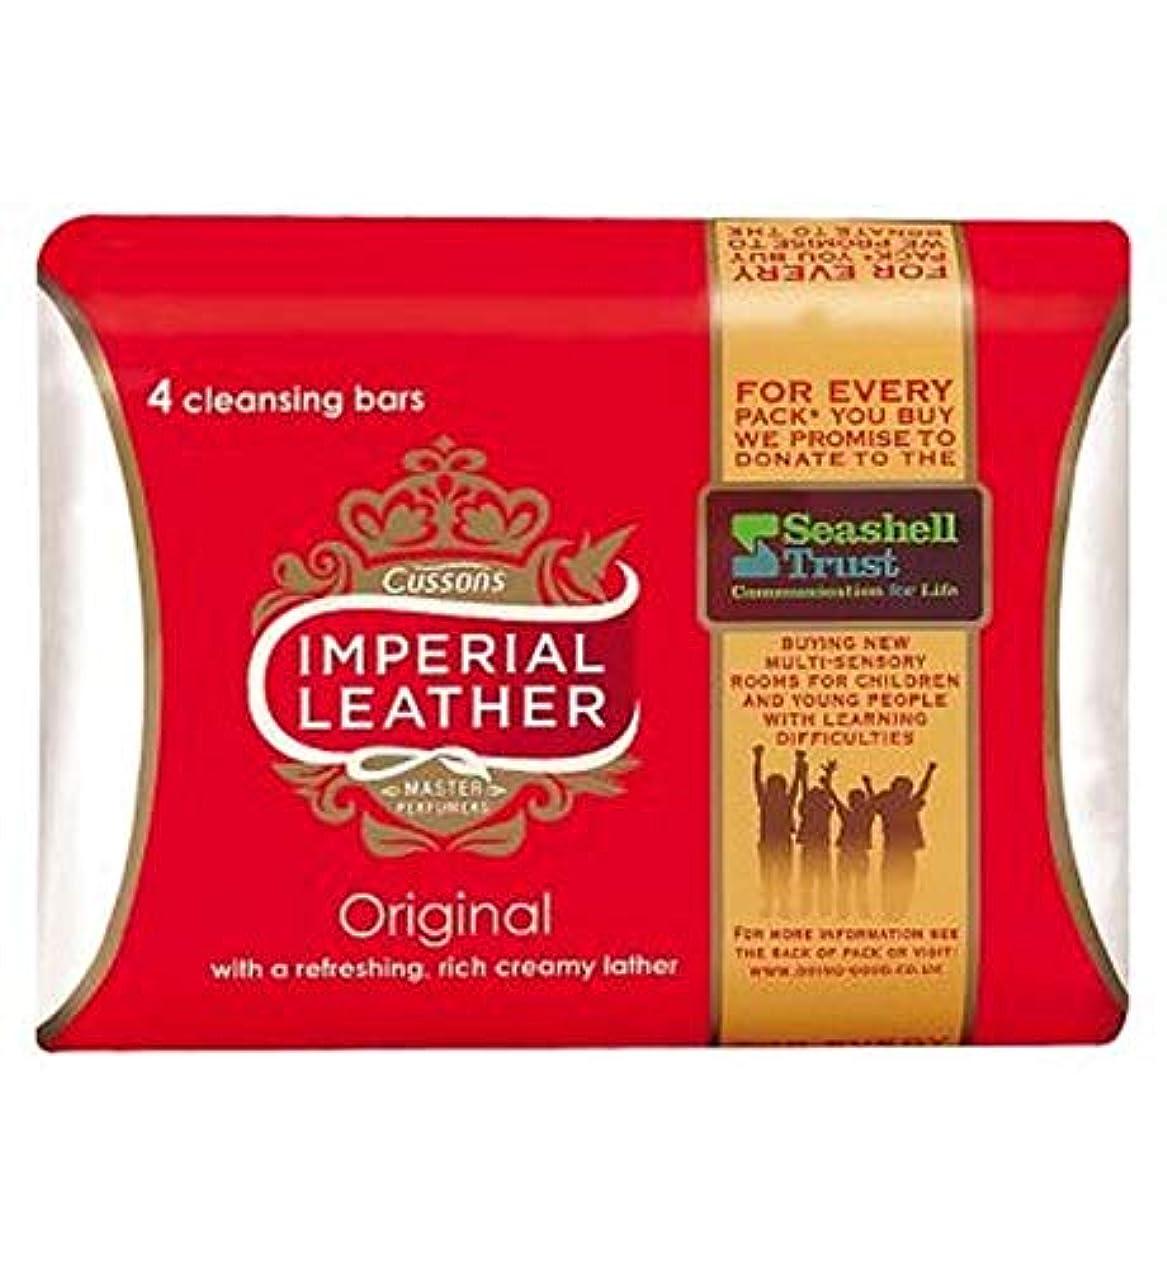 任命するシプリールーキー[Imperial Leather] 帝国革本来の固形石鹸2×100グラム - Imperial Leather Original Bar Soap 2 X 100g [並行輸入品]